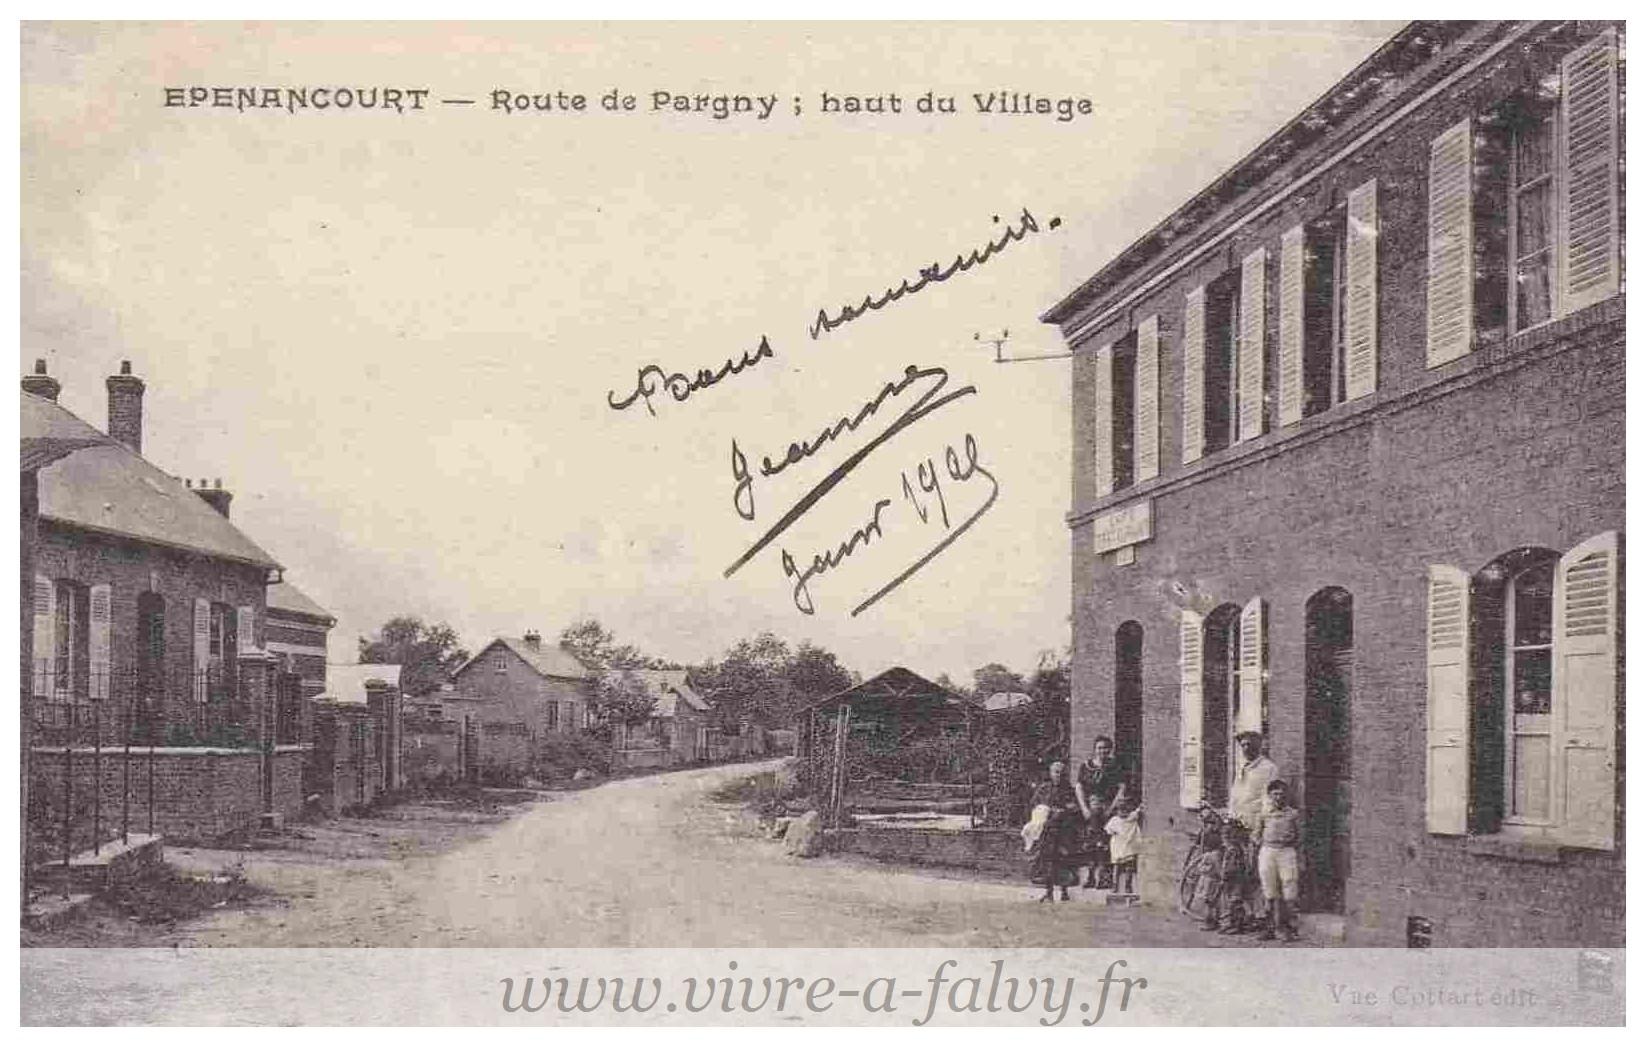 Epenancourt - Route de Pargny